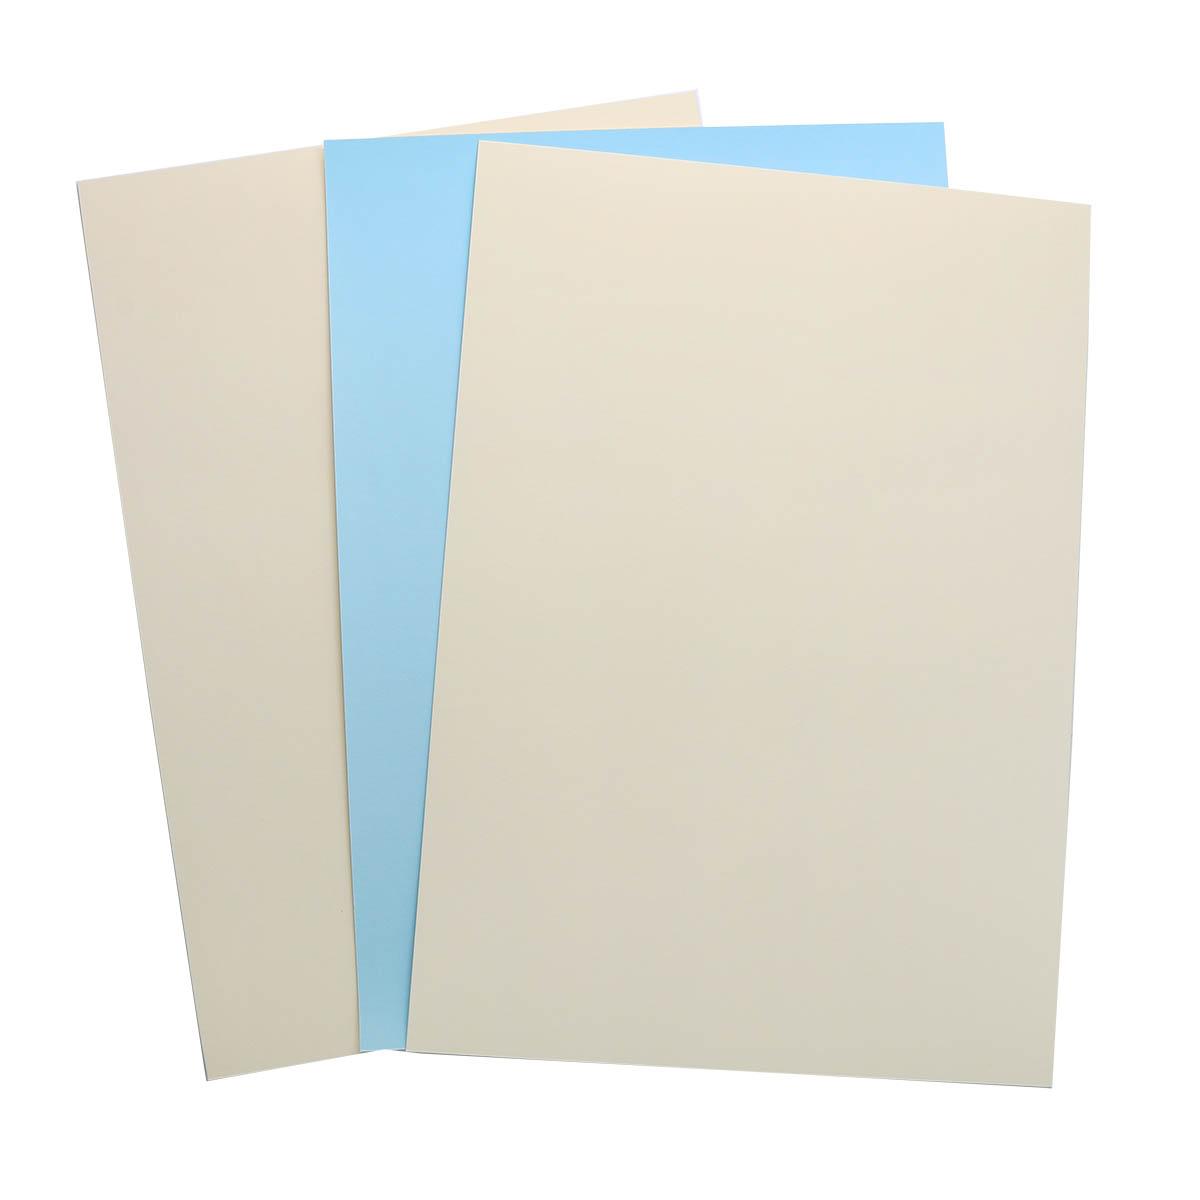 БД0008 Бумага двухсторонняя А4 КОМПЛЕКТ 3шт. Голубой/Кремовый